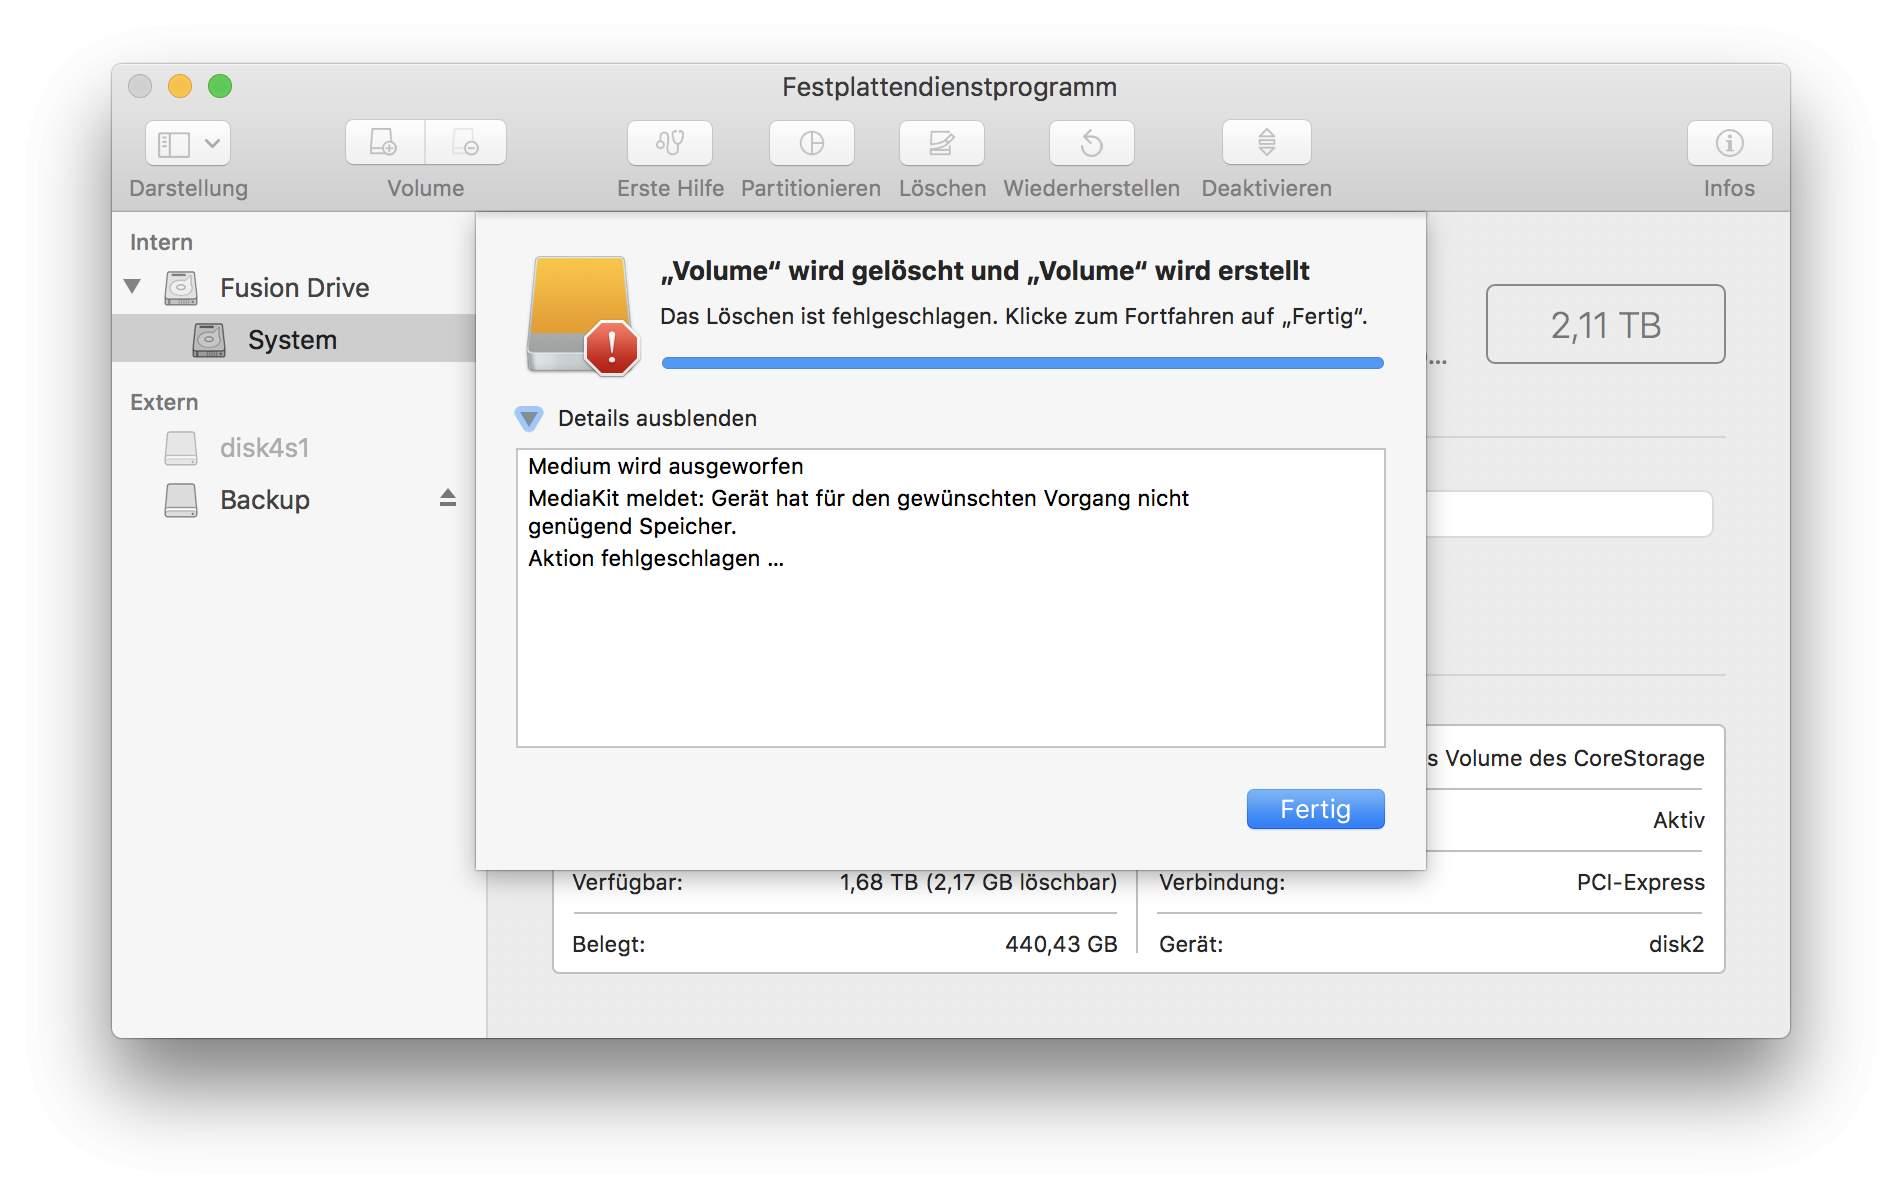 """Das Festplatten-Dienstprogramm seit MacOS 10.13 """"High Sierra"""" kann eine üble Zicke sein."""